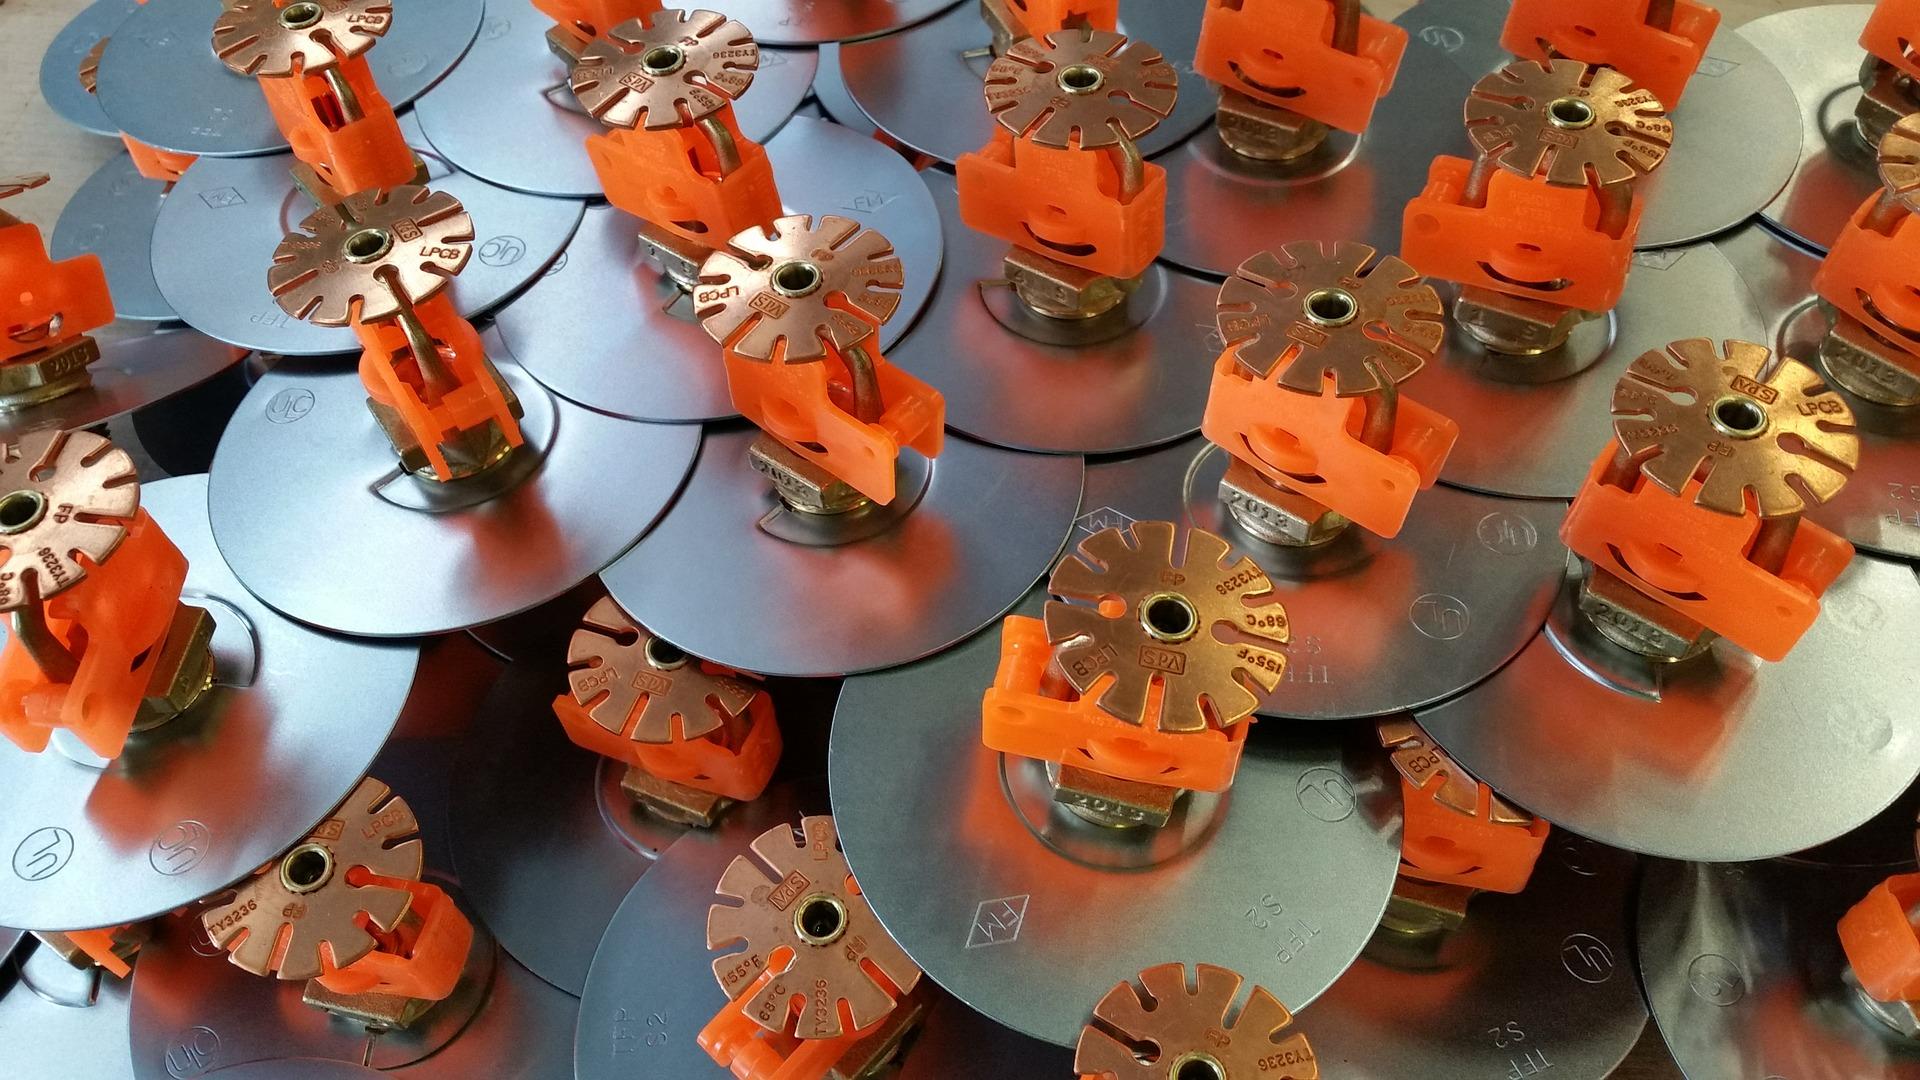 Instalator systemów gaśniczych – tryskaczów m/w/d  (m/w/d = mężczyzna / kobieta / różne)